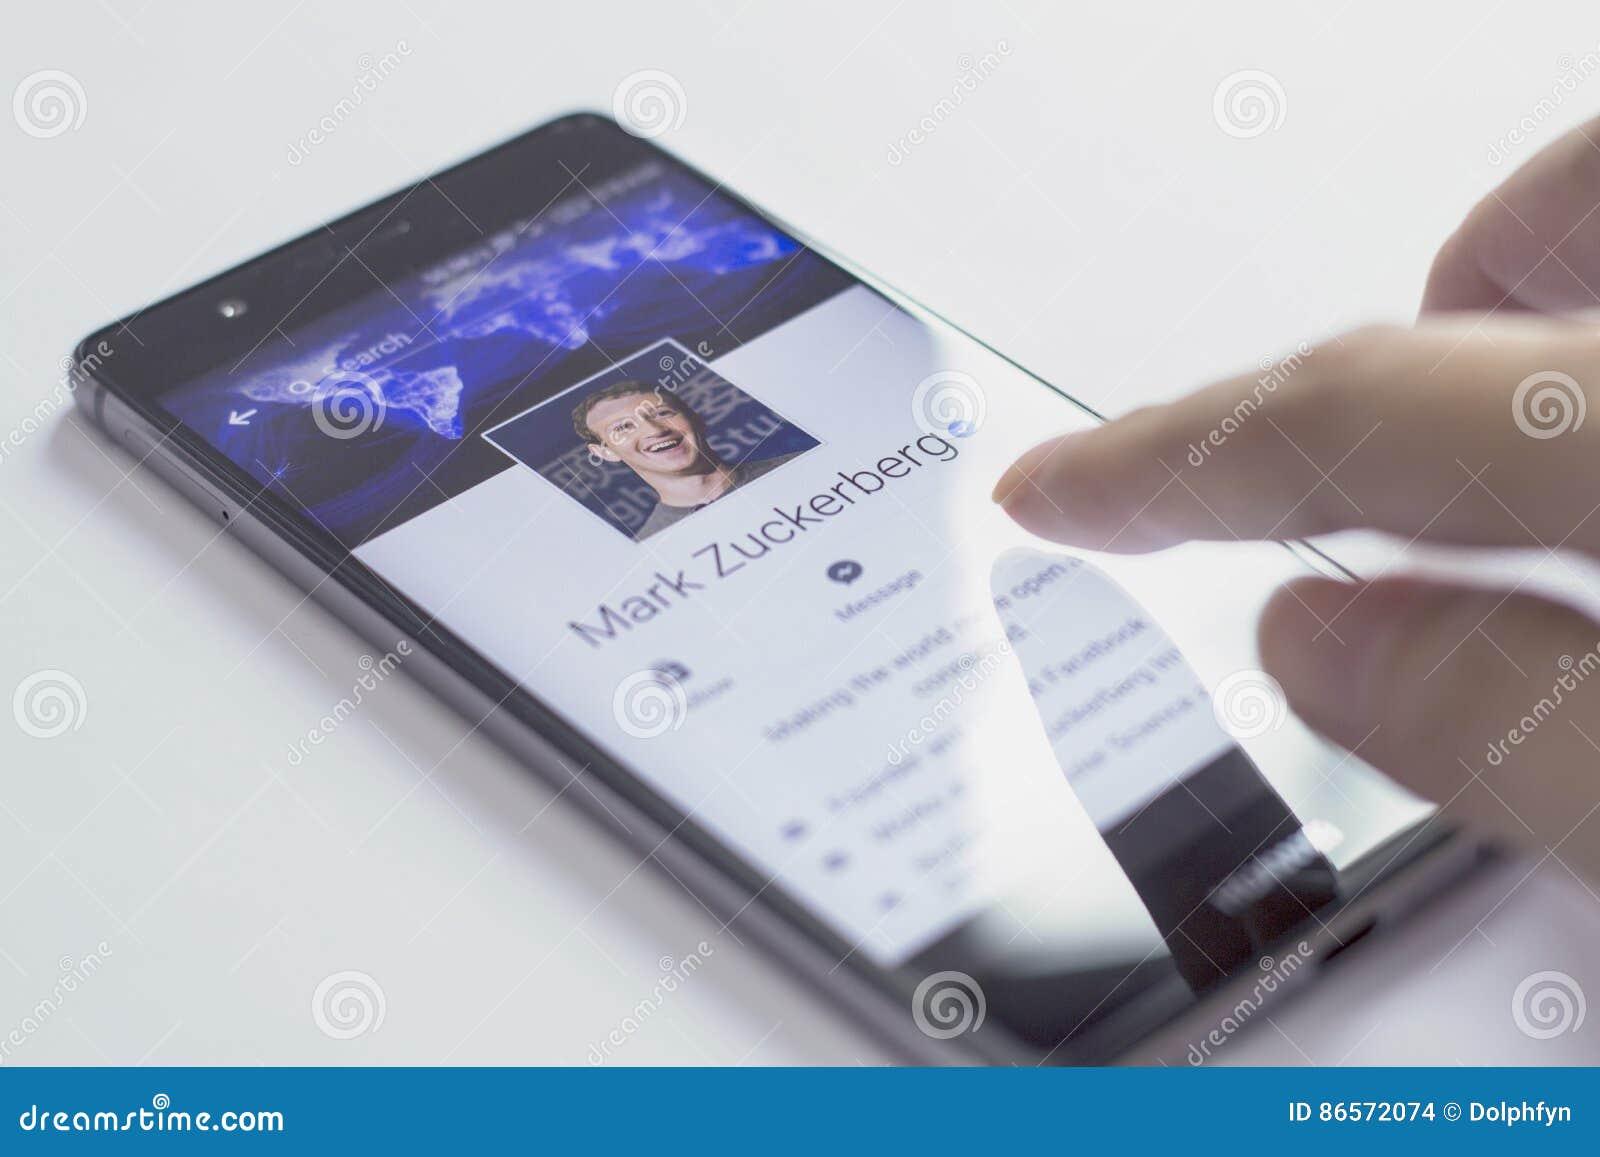 Mark Zuckerberg è il fondatore e CEO di Facebook